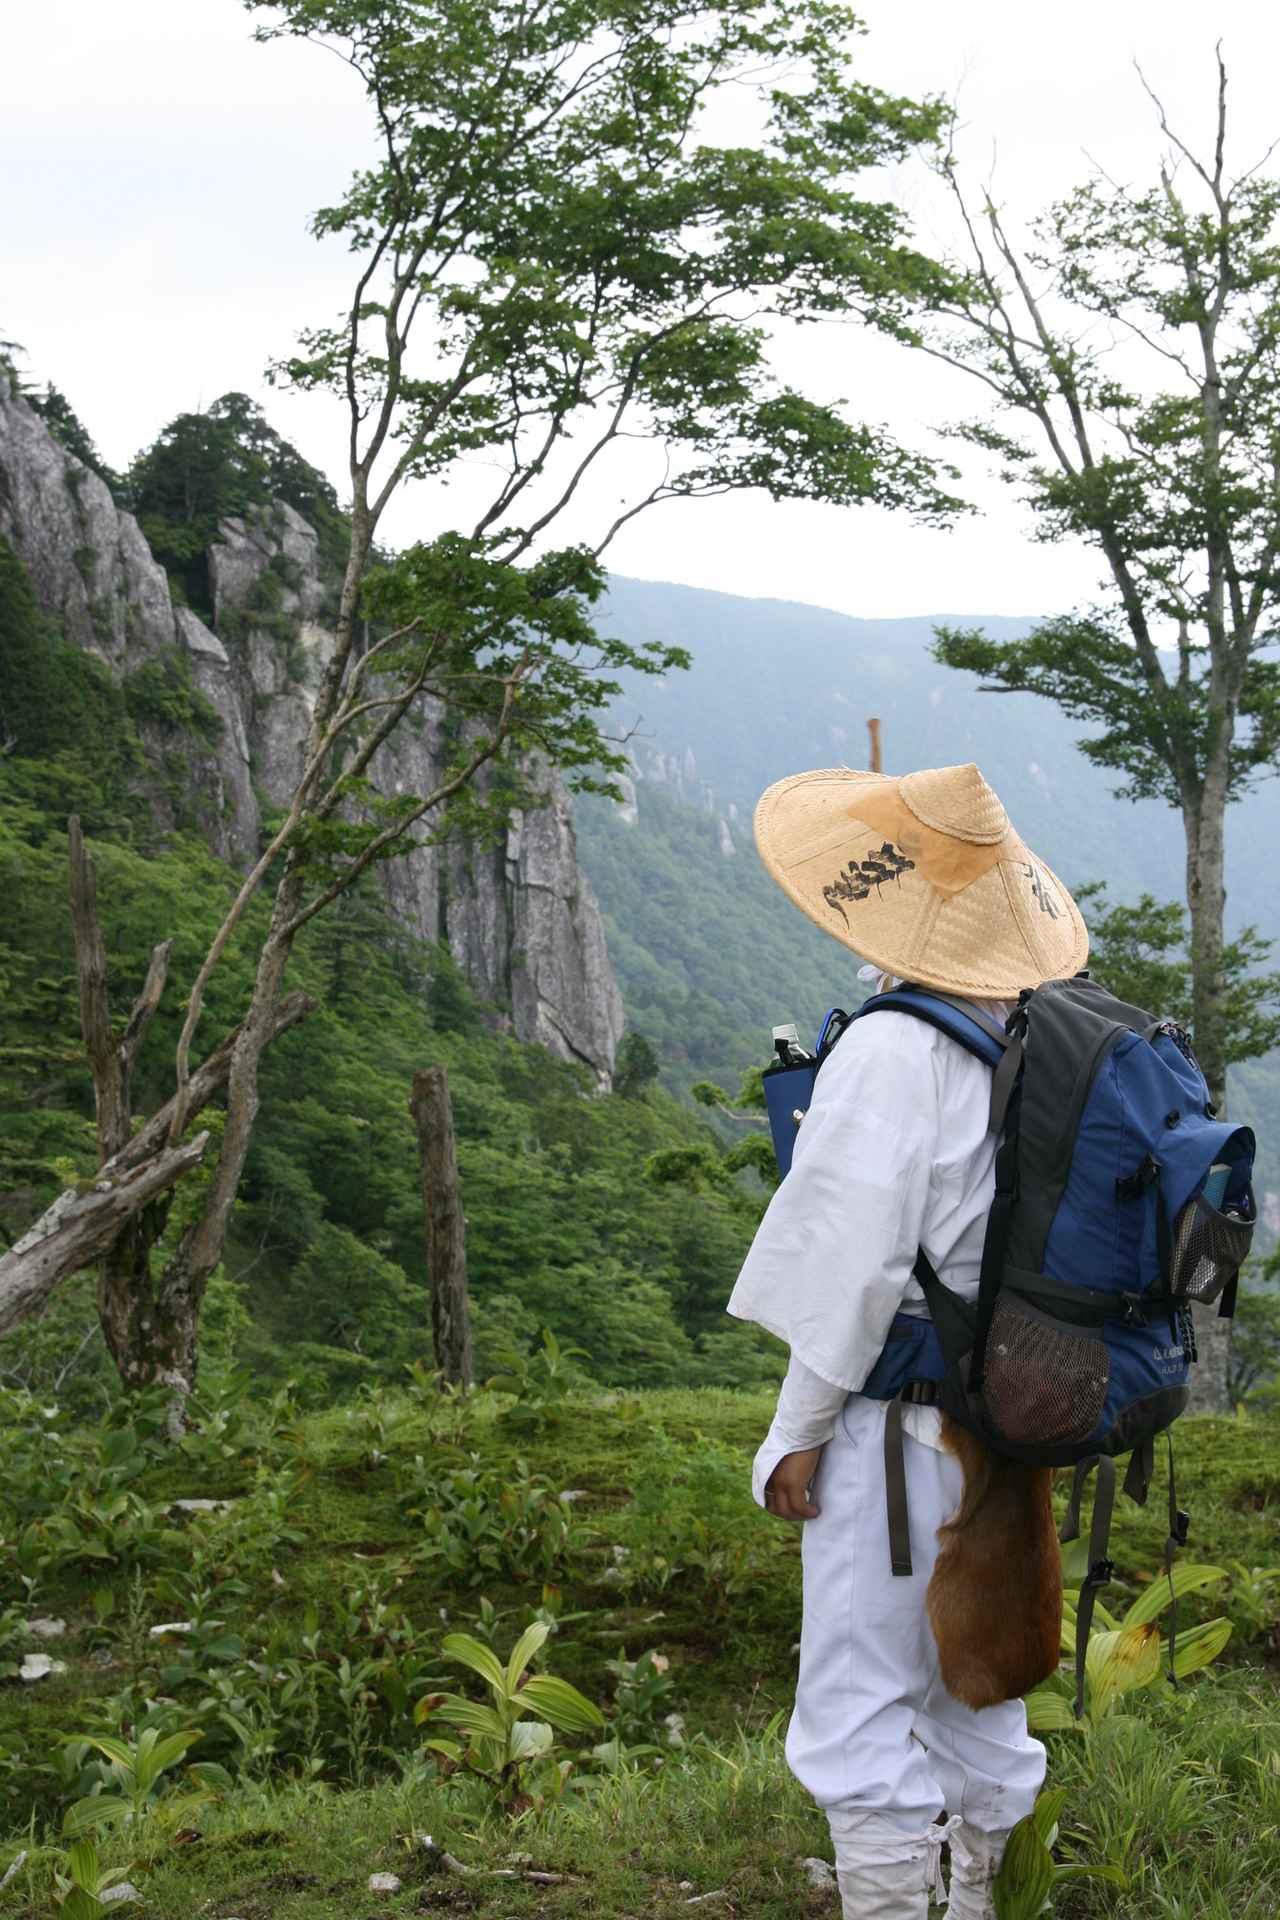 画像: 山岳信仰・修験道としての登山(イメージ)